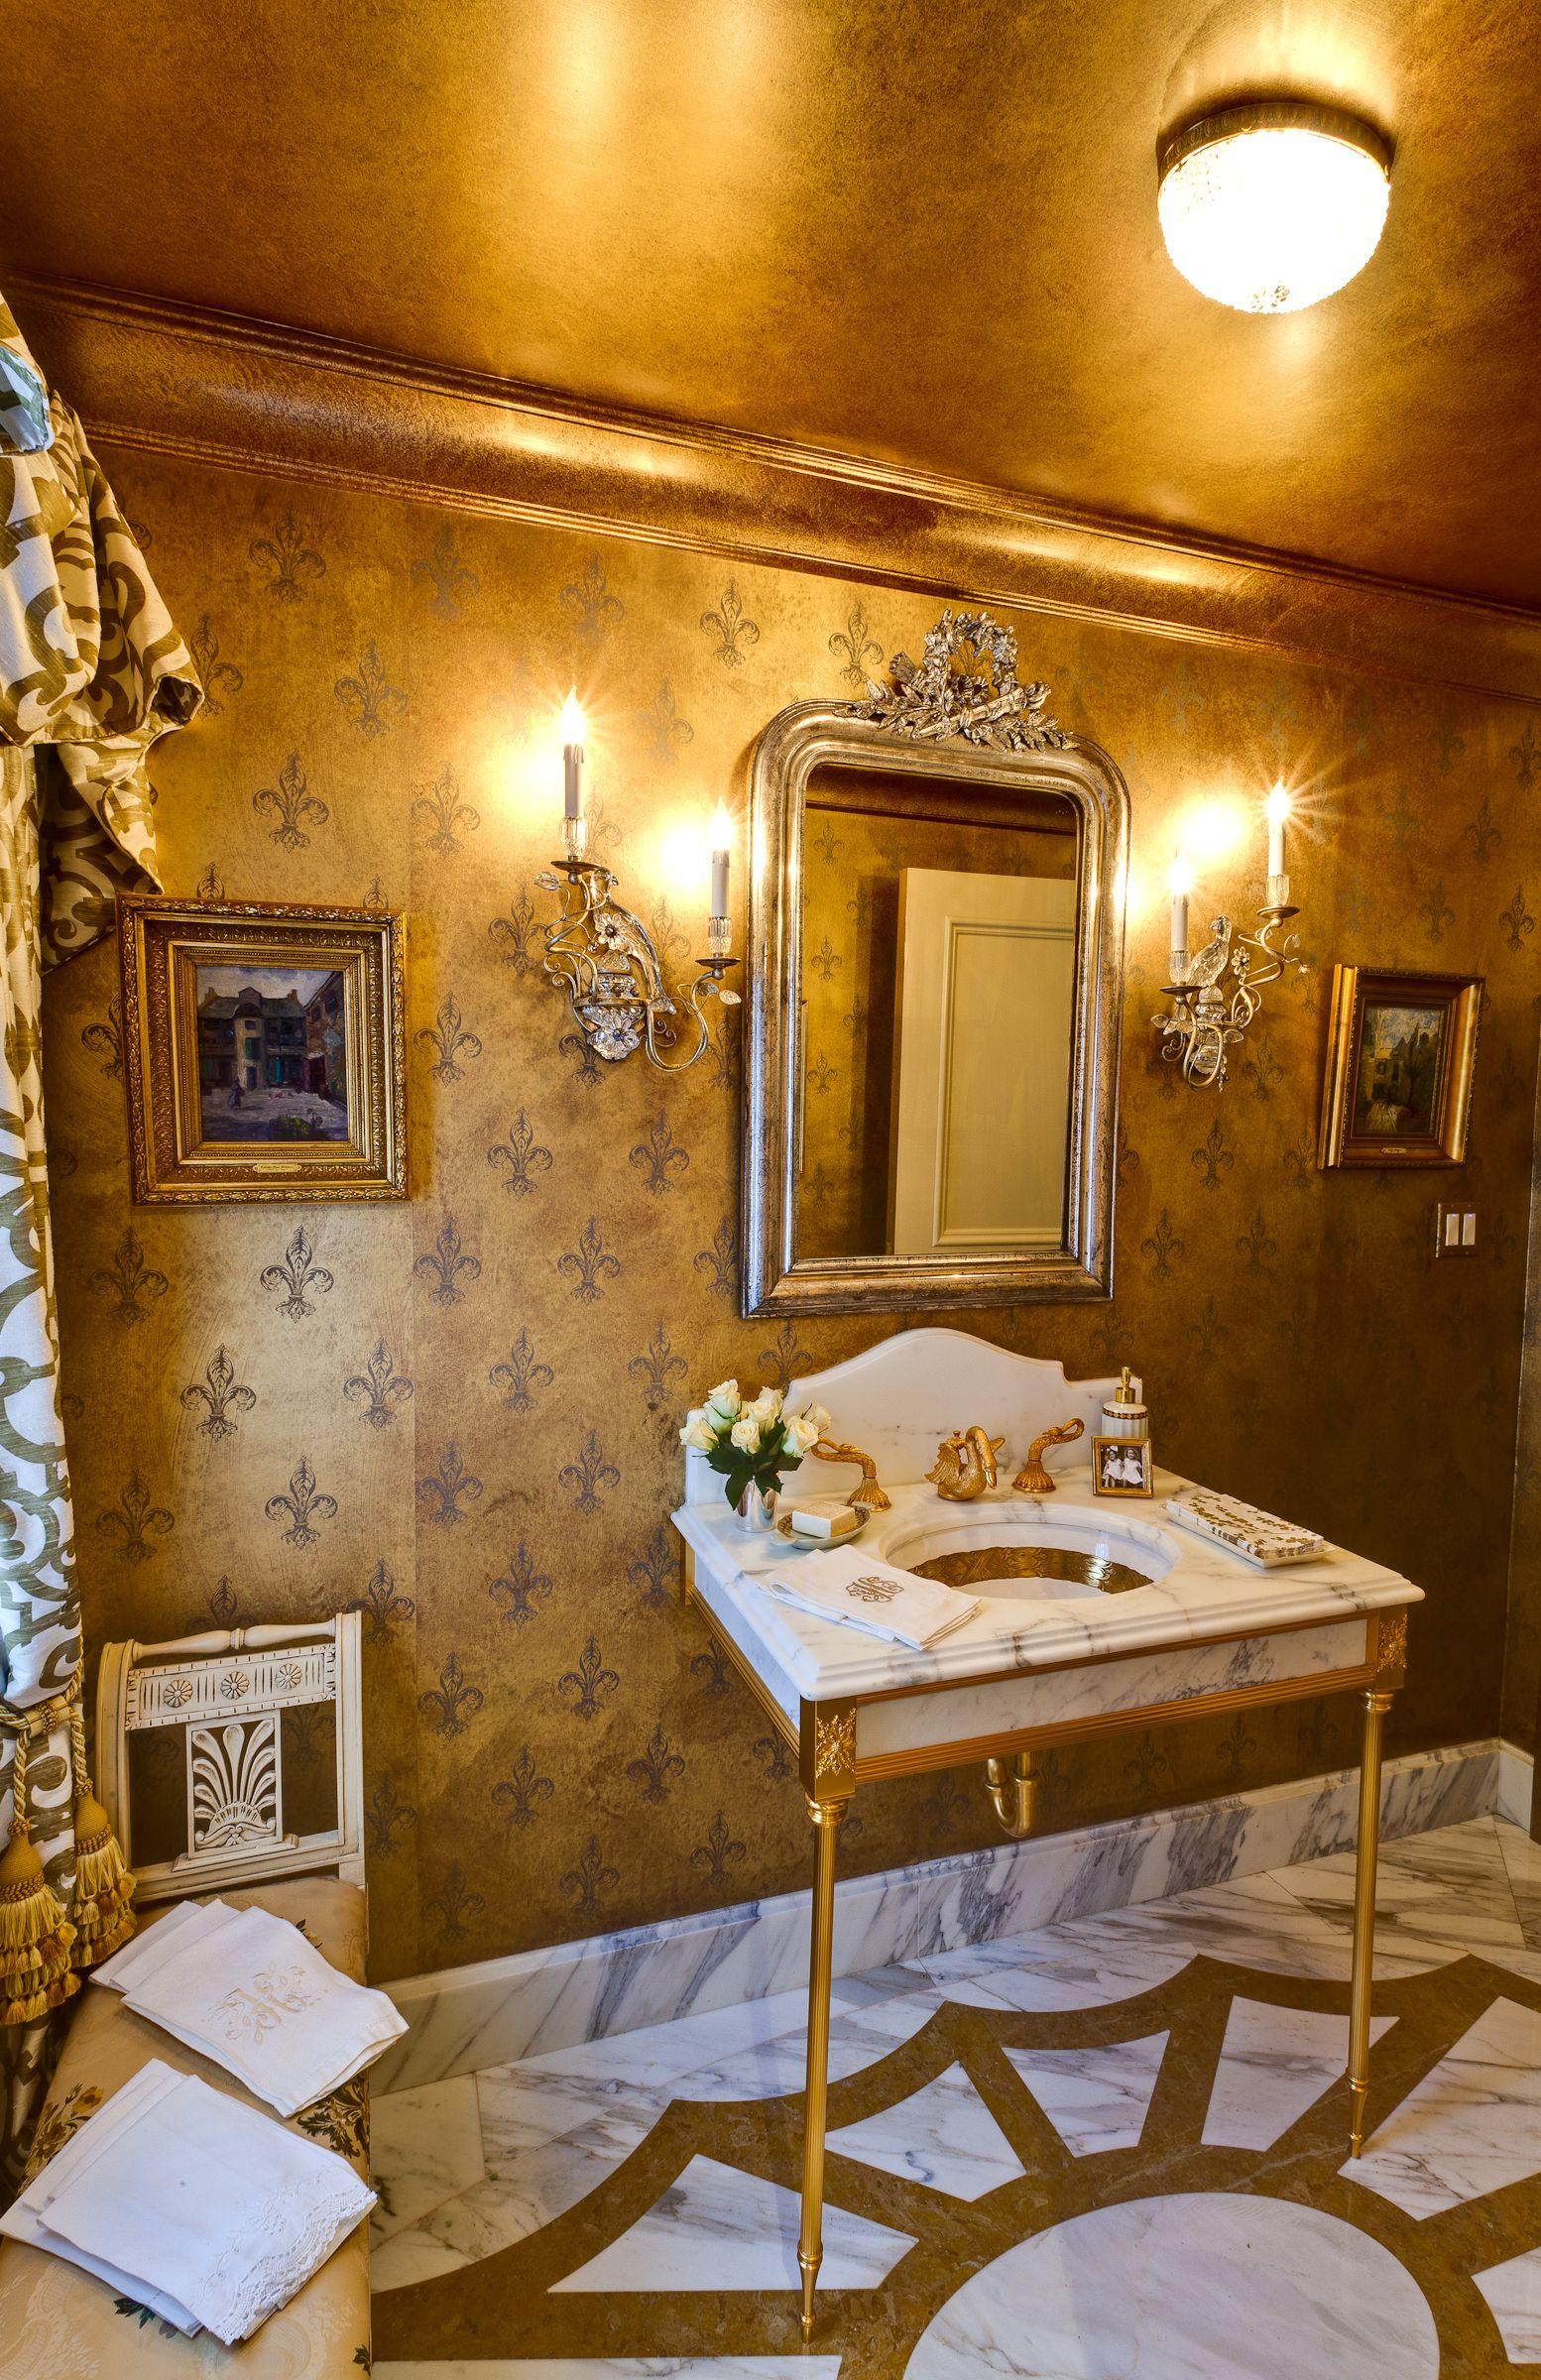 Salle De Bain Achat Et Pose ~ All That Glitters Is Gold 10 Drop Dead Gold Bathrooms Pinterest